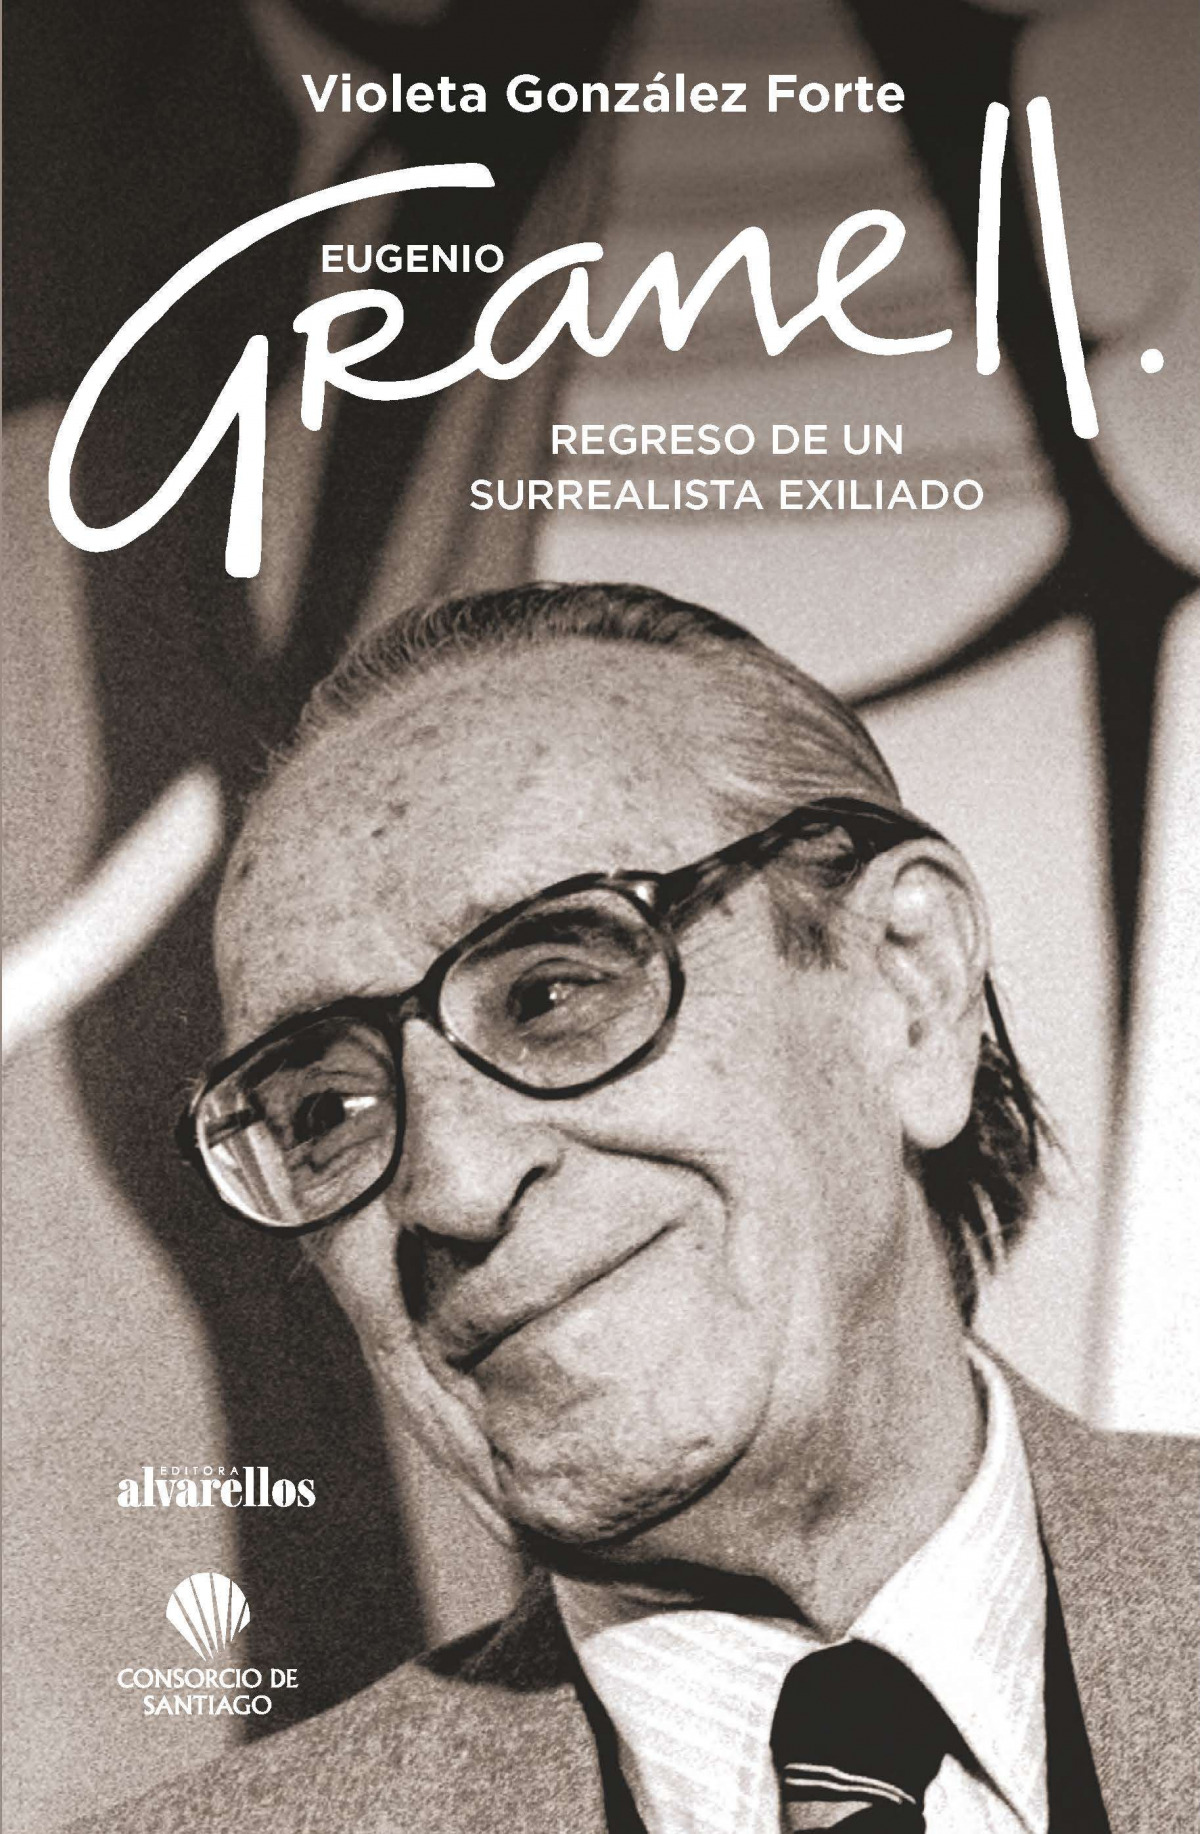 EUGENIO GRANELL: REGRESO DE UN SURREALISTA EXILIADO